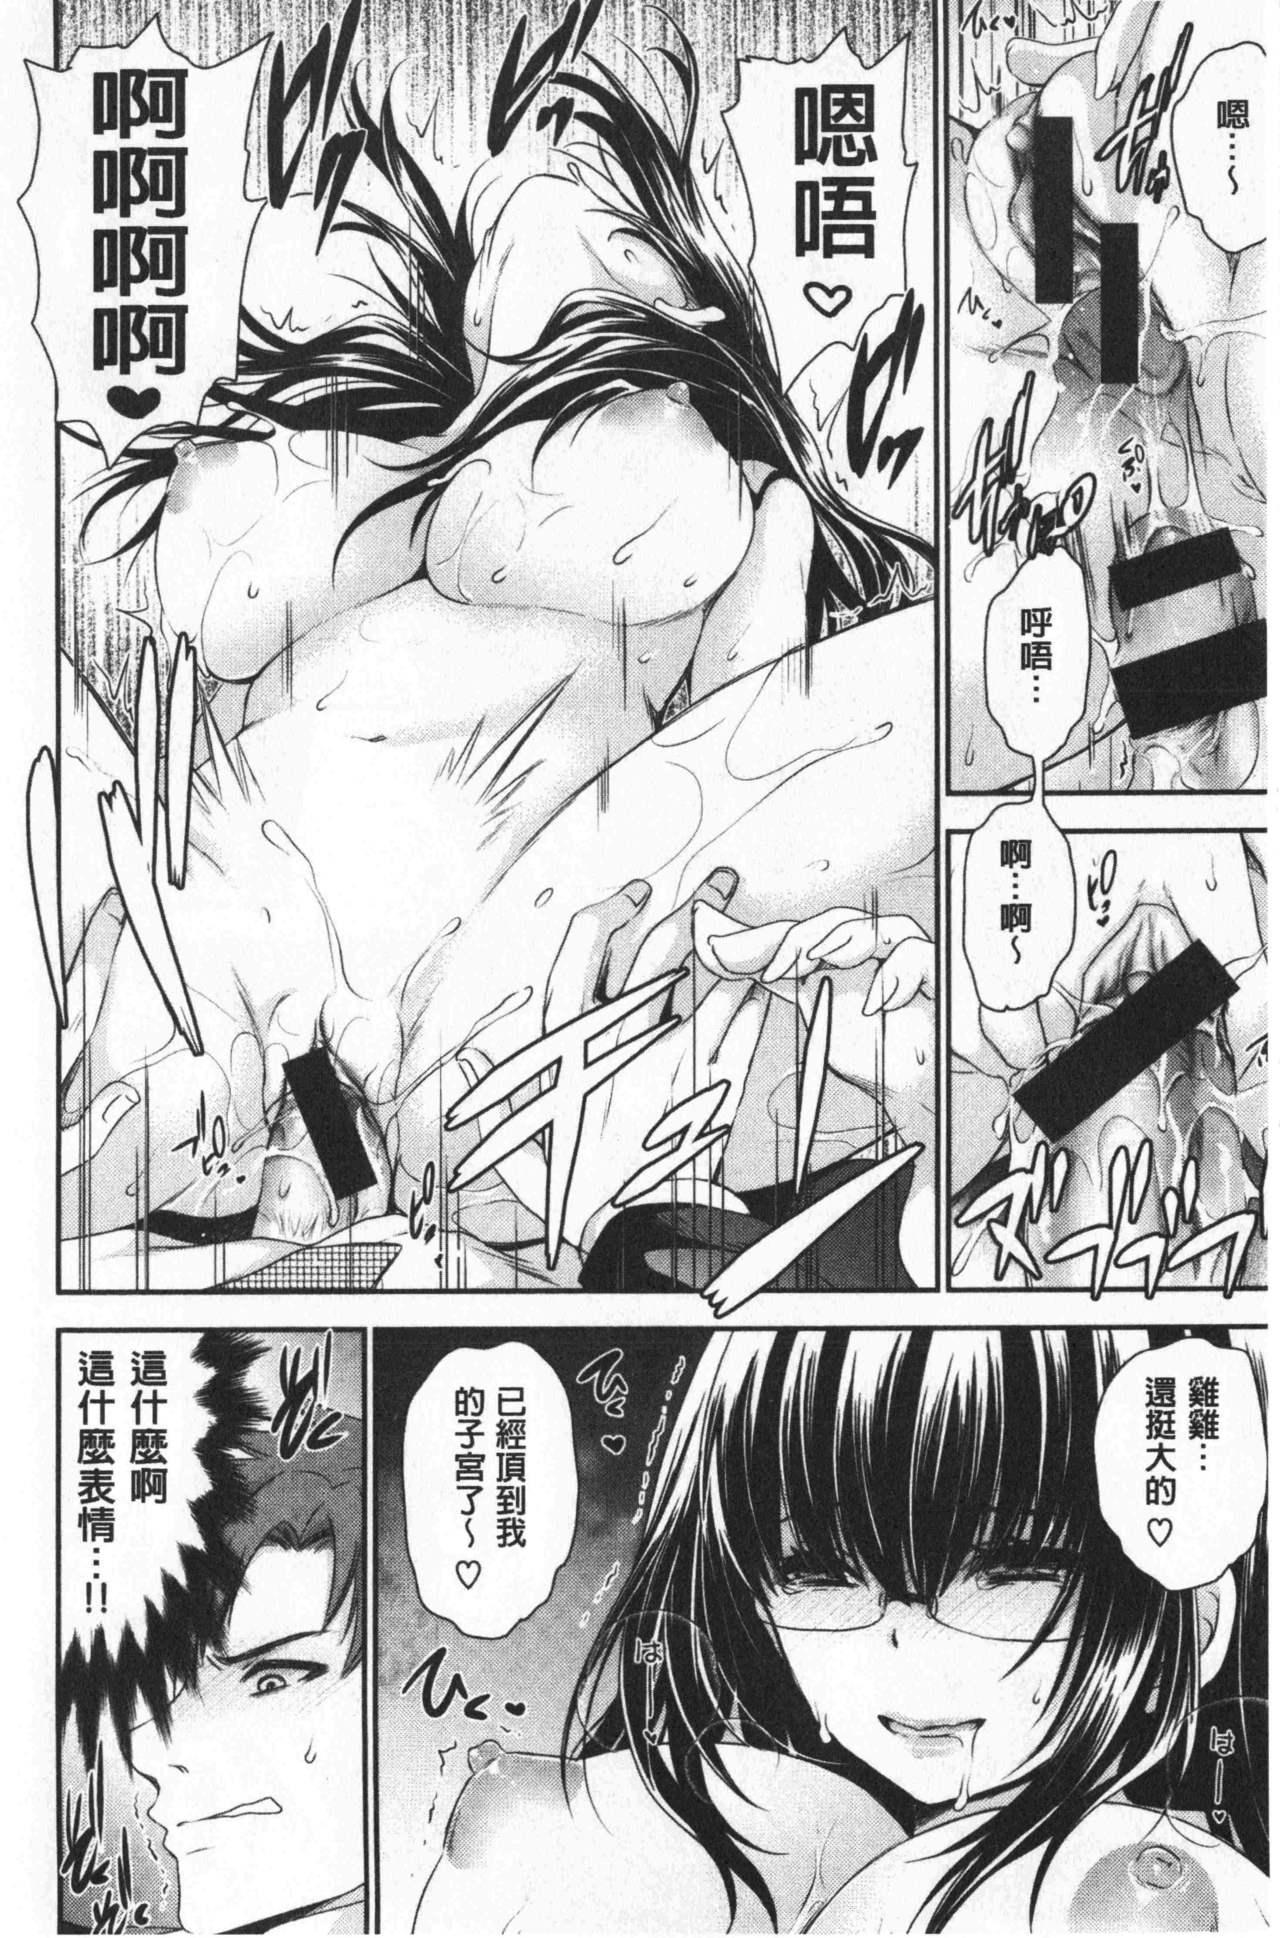 Doku Aru Hana no Amai Mitsu   毒淫花的甘甜蜜 17